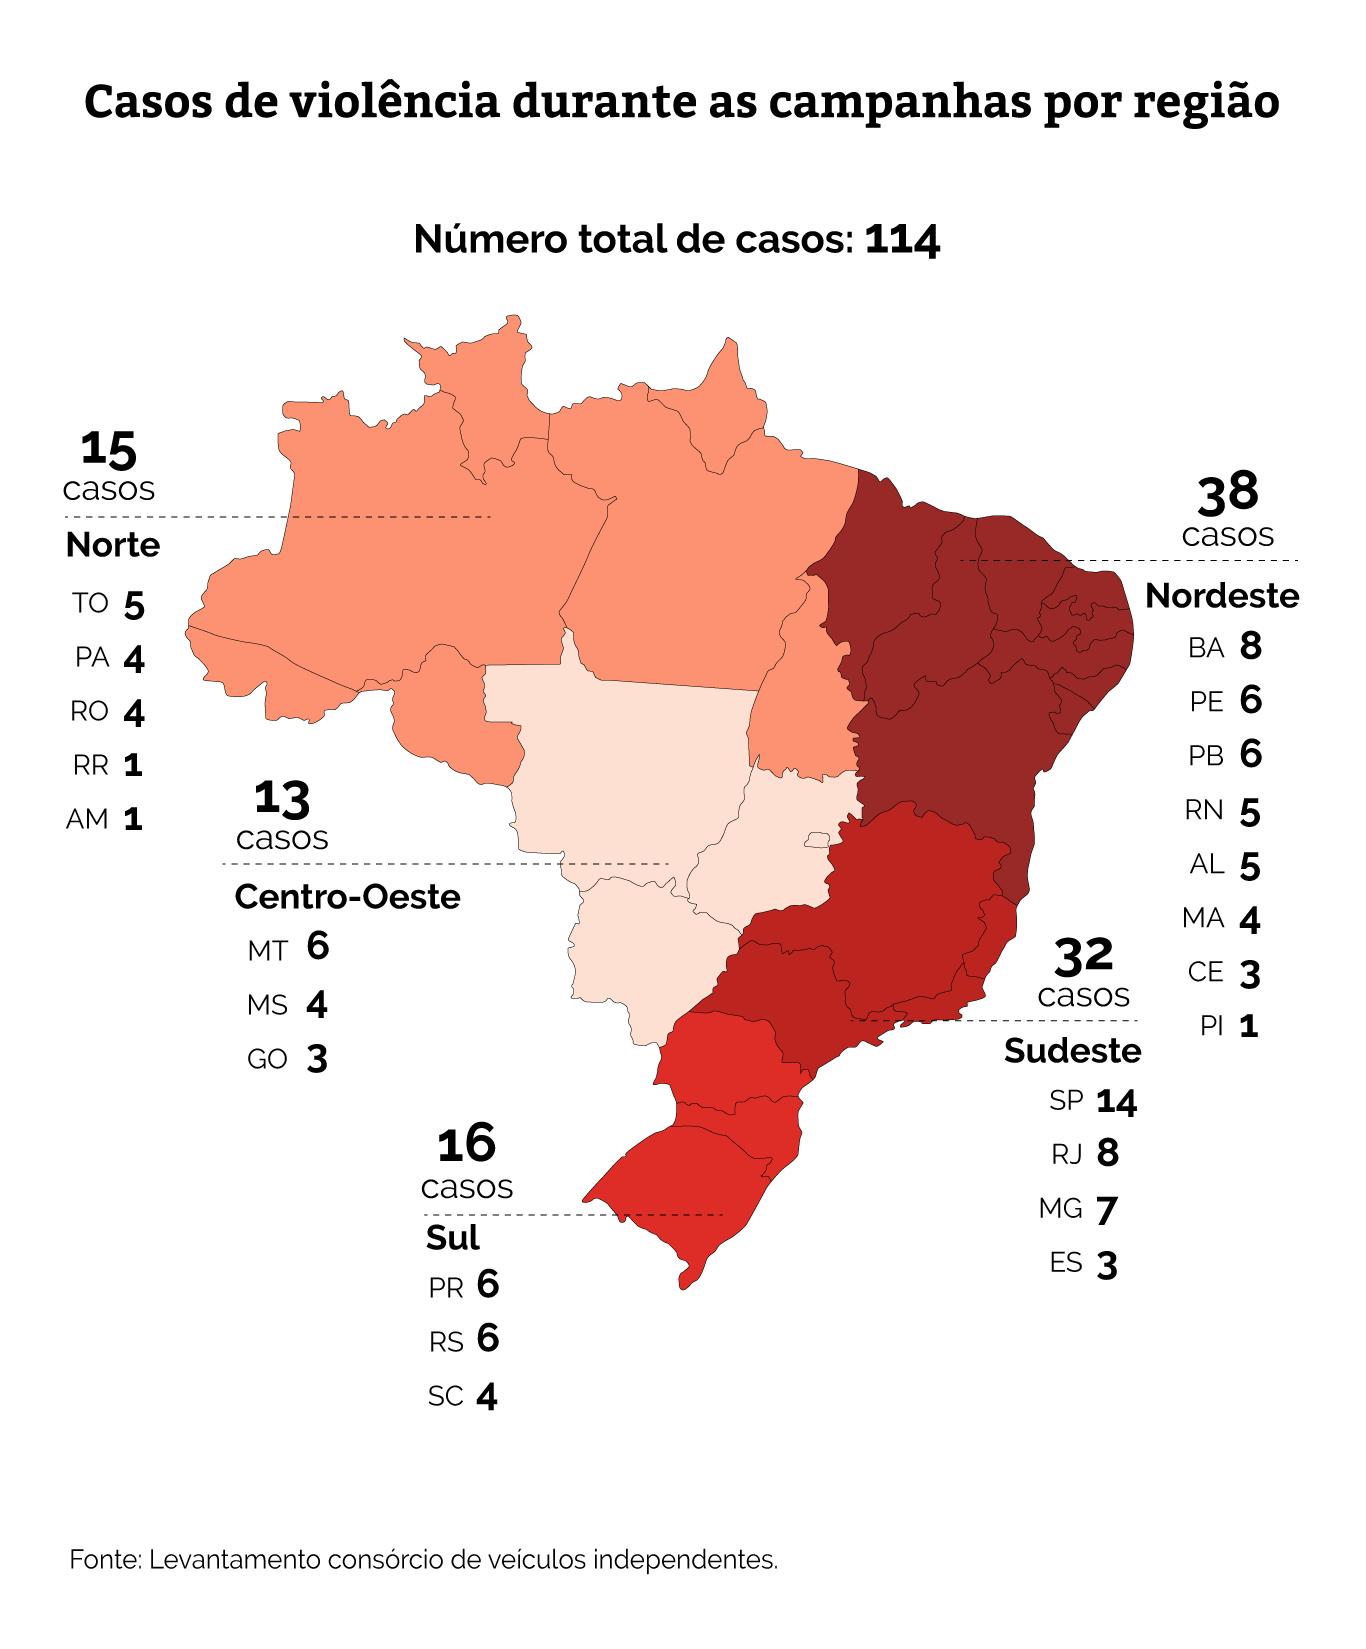 Violência eleitoral em todas as regiões do Brasil (Infografia: Larissa Fernandes/Agência Pública)